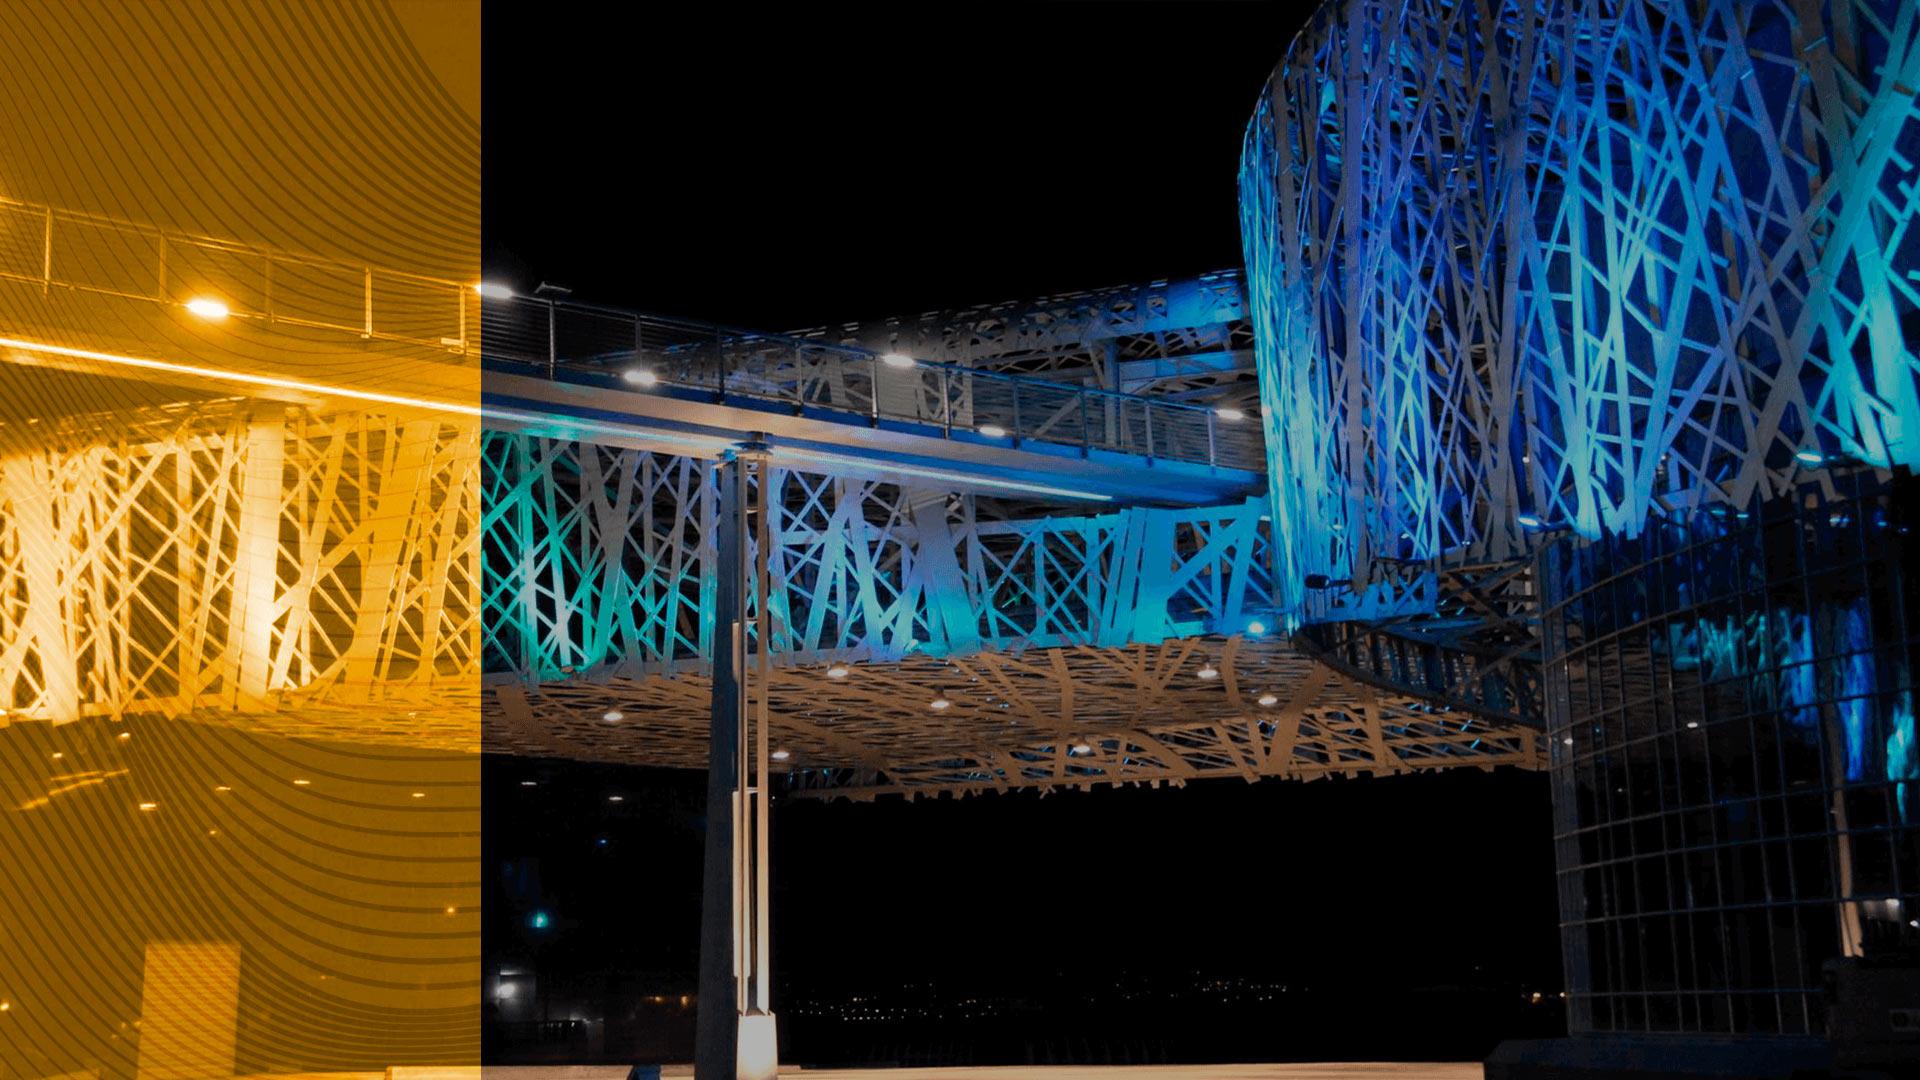 réalisations de supports d'éclairages publics